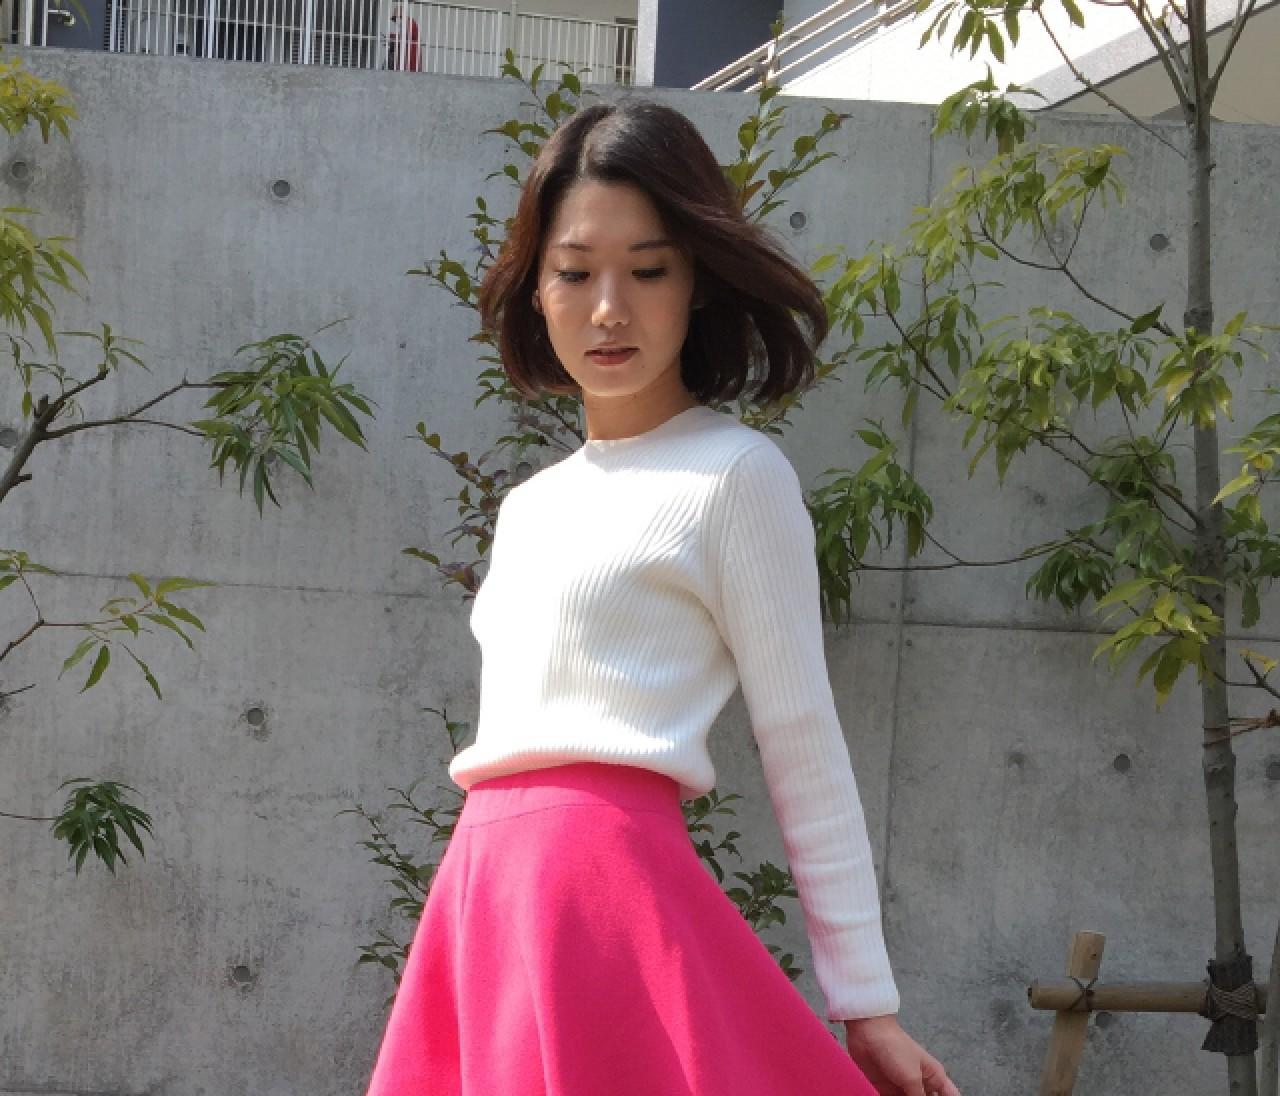 【#バイラーズの春服 #OOTD】吉田有希さん